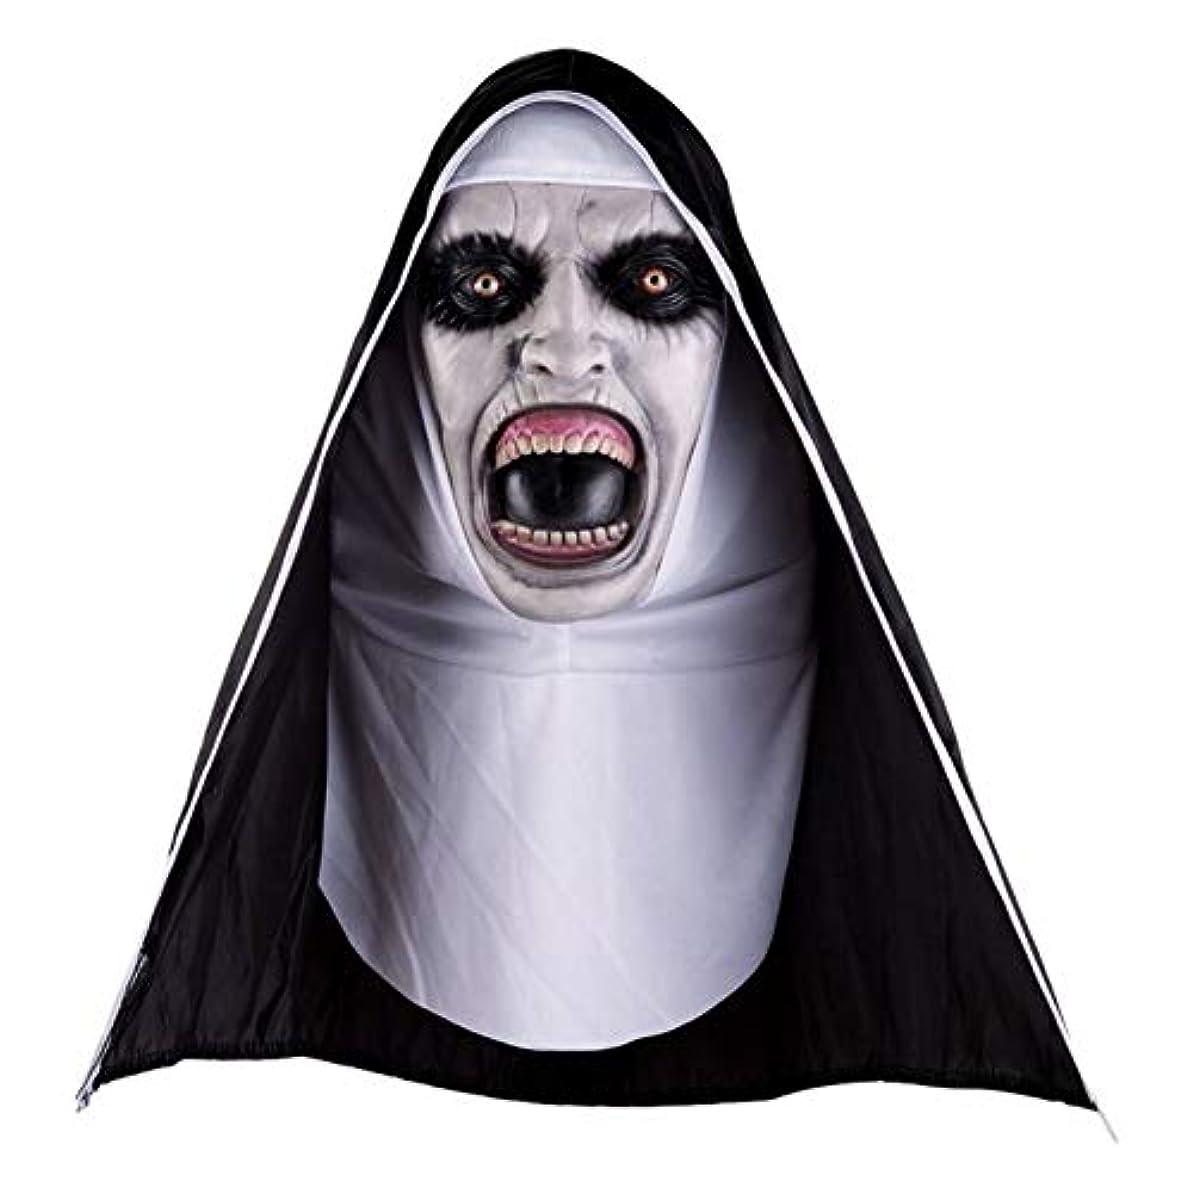 スロベニア腐敗した技術的なEsolom ハロウィーンの怖いマスク ラテックス修道女マスク フルフェイスカバレッジ フード付き 大人と子供のロールプレイング いたずら小道具